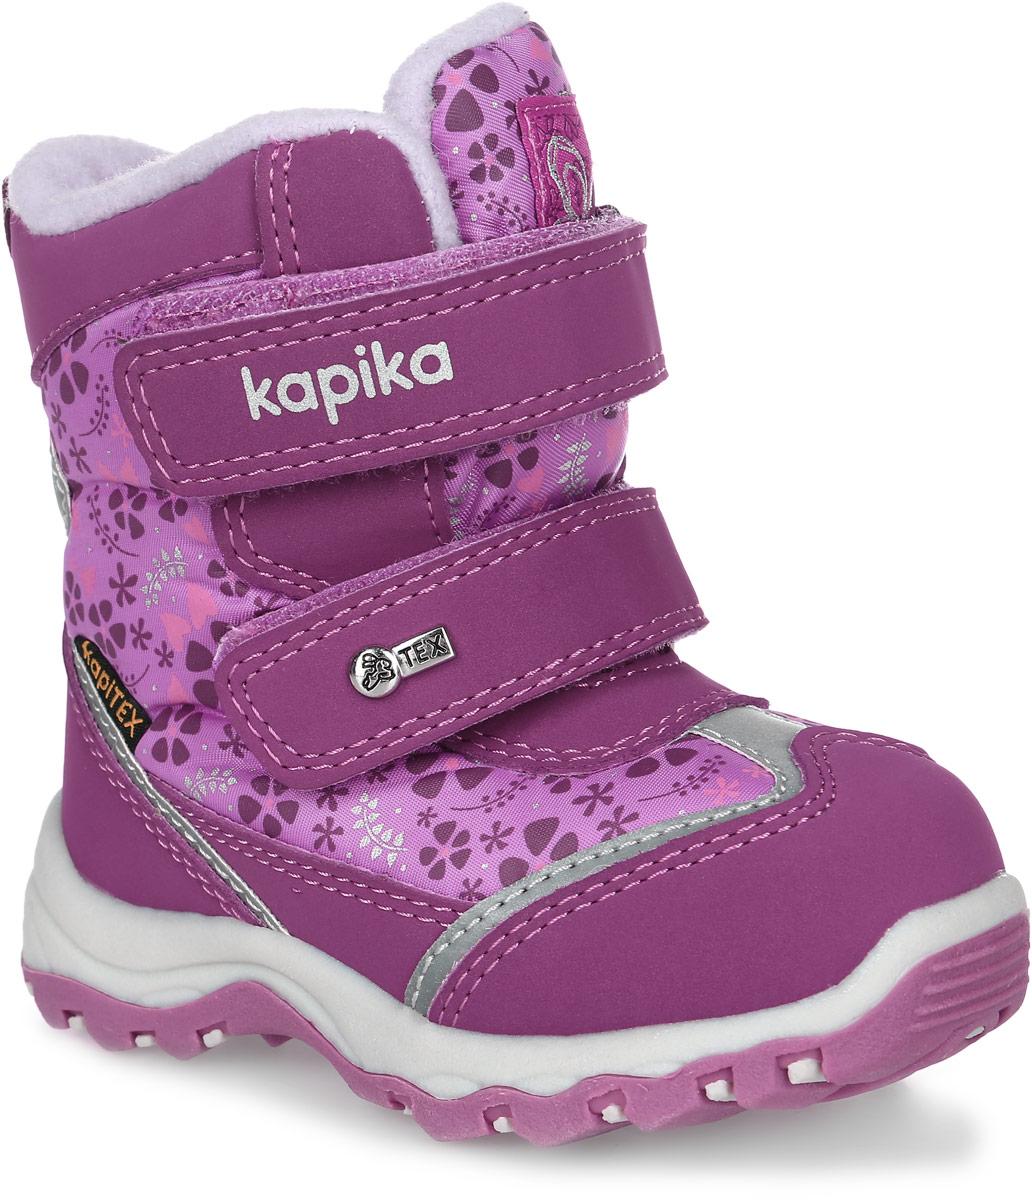 Ботинки для девочки Kapika, цвет: фуксия. 41134-3. Размер 2341134-3Ботинки от Kapika выполнены из искусственной кожи с вставками из текстиля. Модель оформлена оригинальным принтом и фирменными нашивками. Передняя и задняя части дополнены накладками для уменьшения износа обуви. Модель фиксируется на ноге с помощью ремешков с застежками-липучками. Ярлычок на заднике облегчает надевание обуви. Подошва изготовлена из прочного и легкого ТЭП-материала, а ее рифленая поверхность гарантирует отличное сцепление с любой поверхностью.